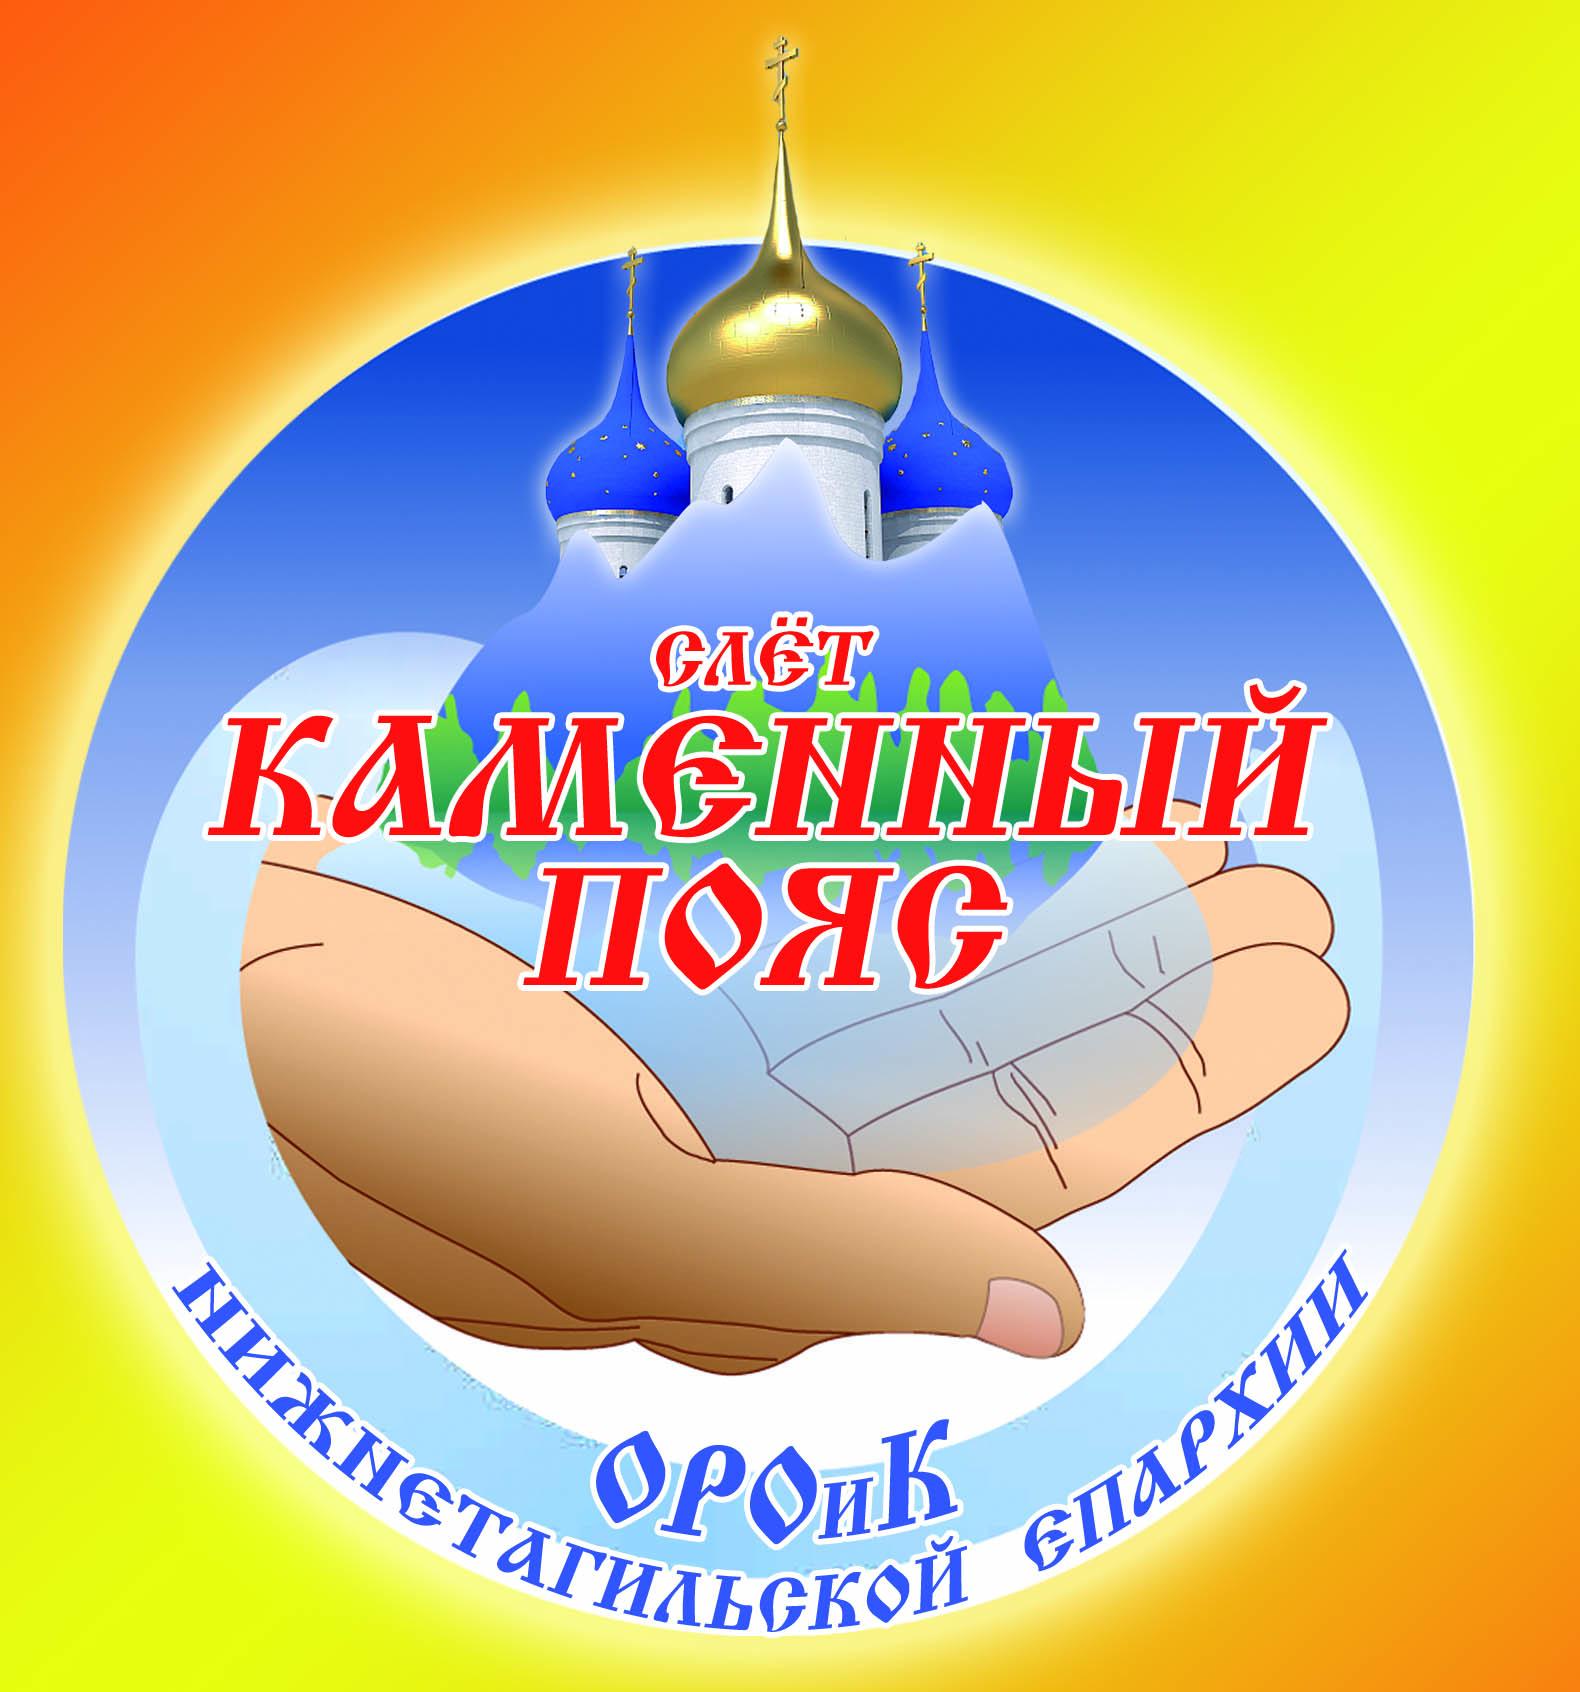 Приглашаем к участию в VII паломническо-туристическом слёте «Каменный Пояс» который в 2018 году пройдёт с 4 по 6 августа